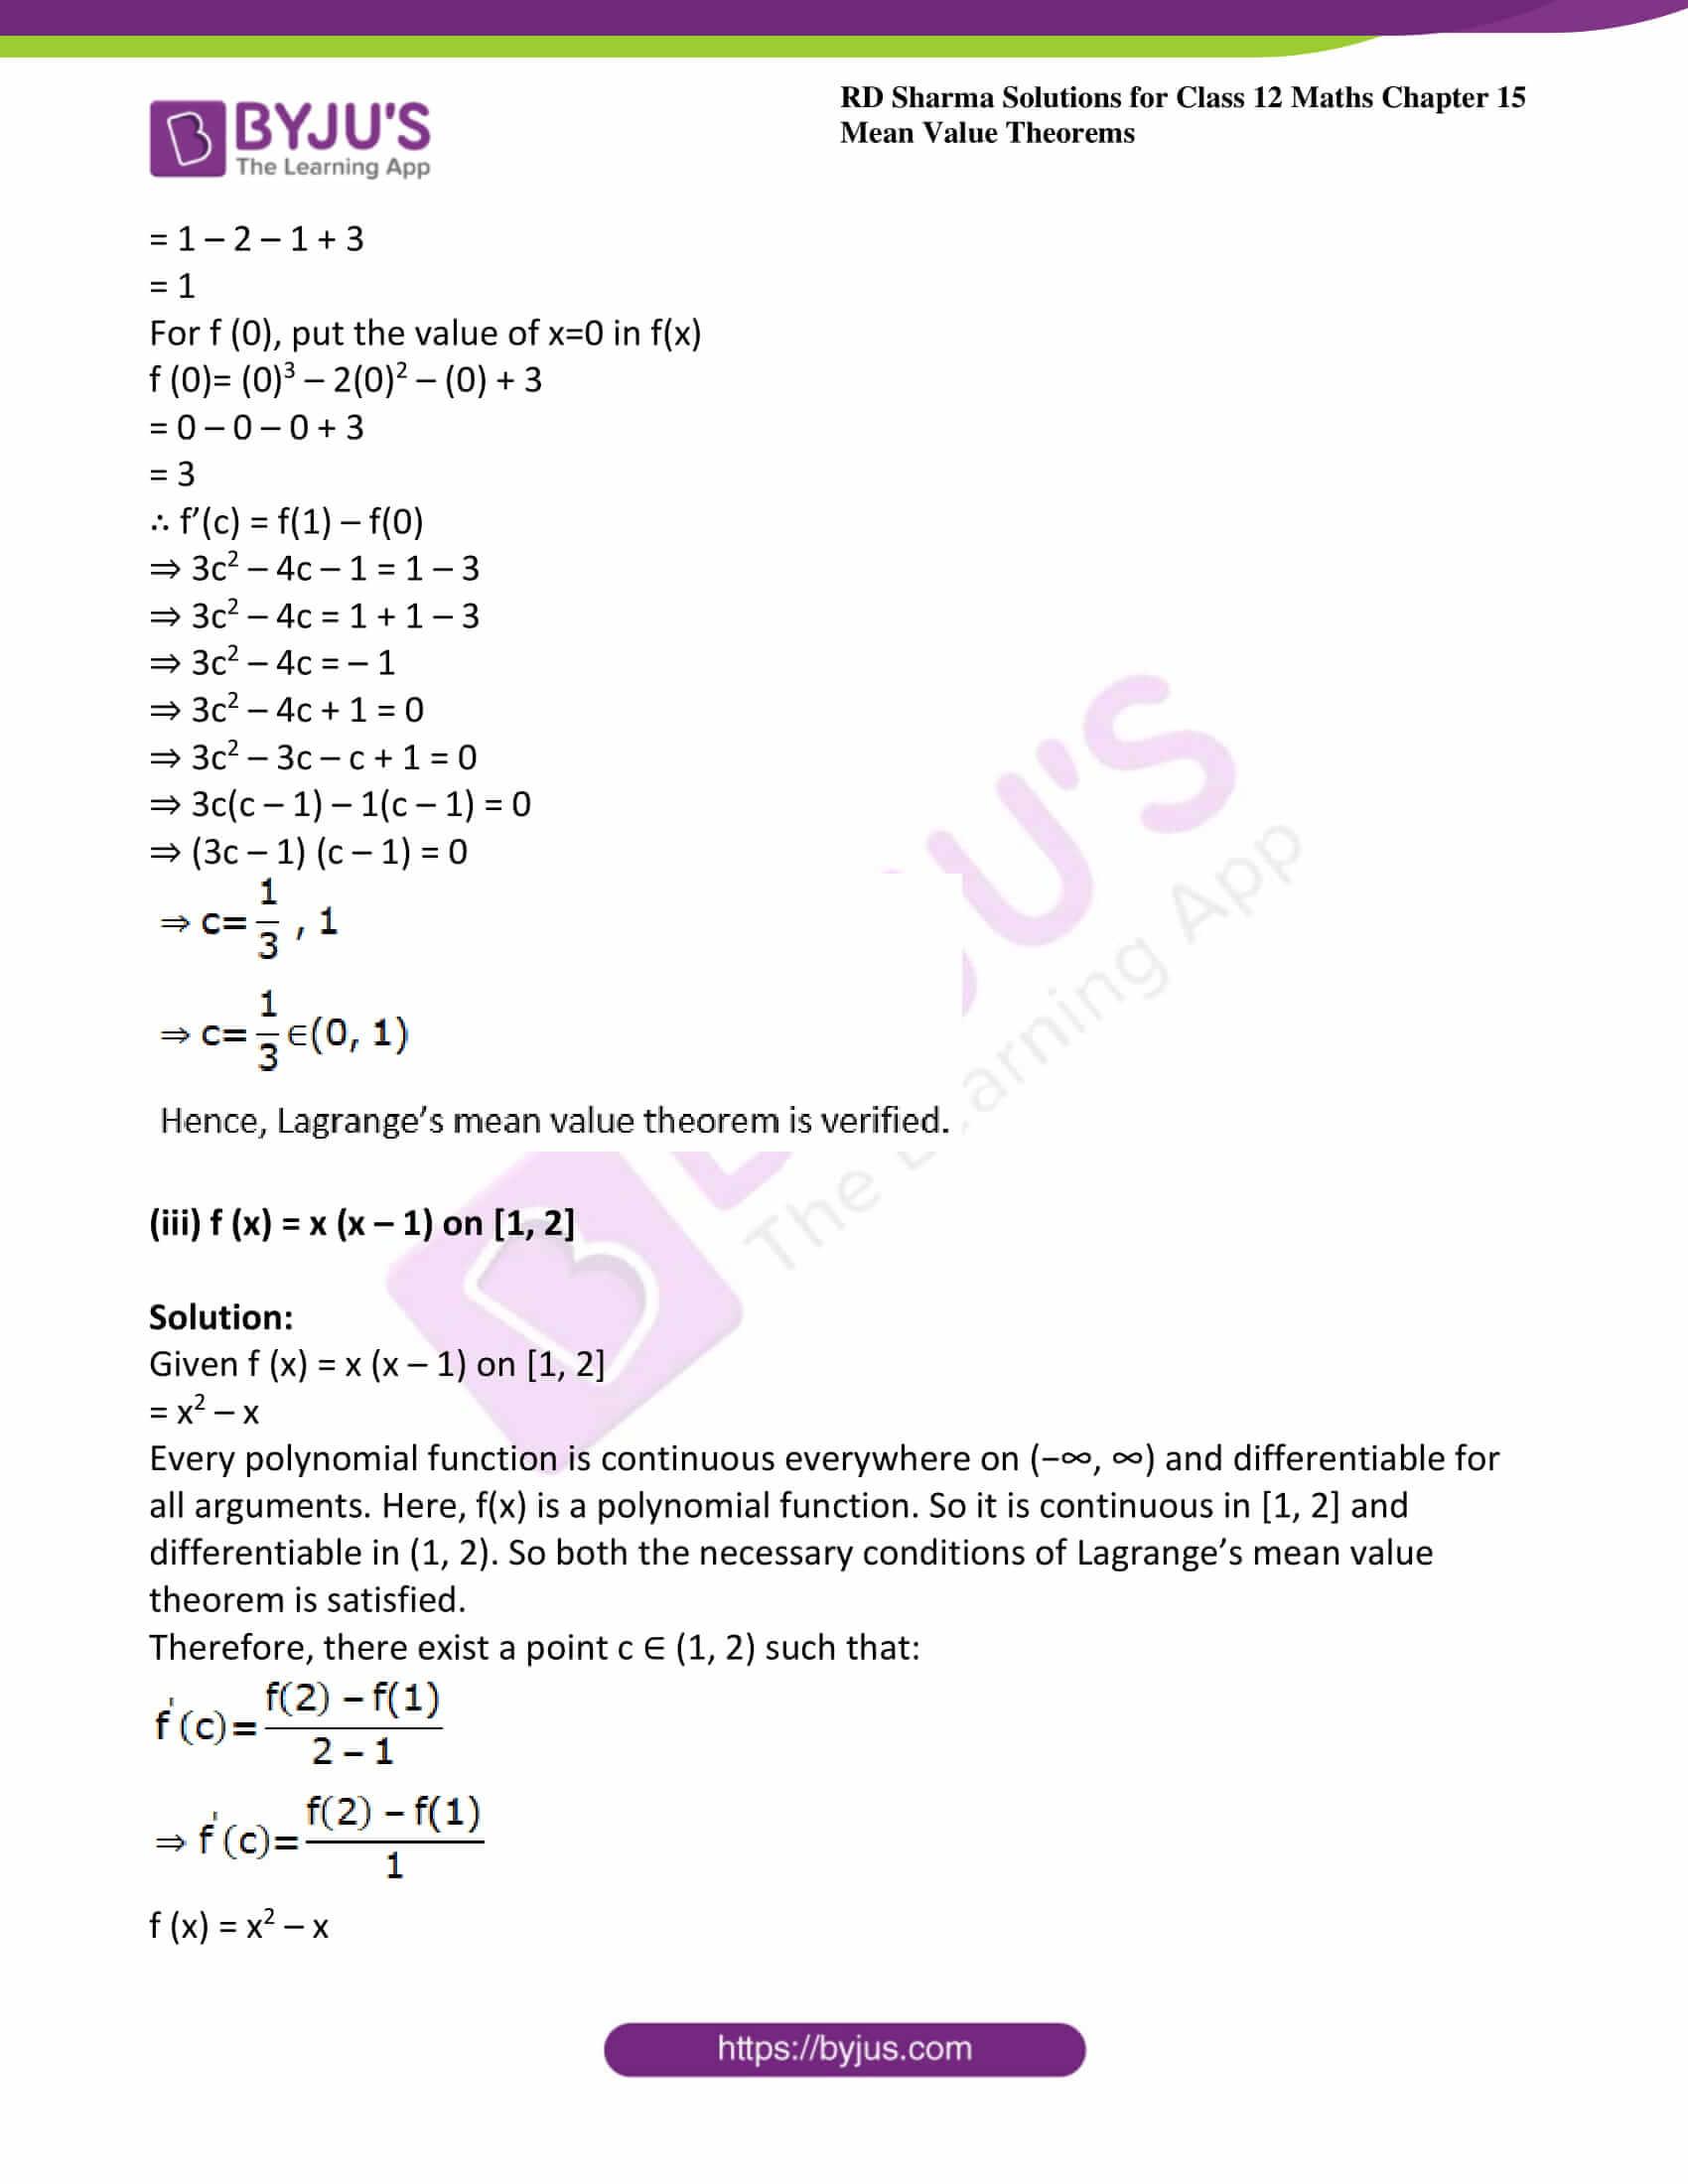 rd sharma class 12 maths solutions chapter 15 ex 2 03